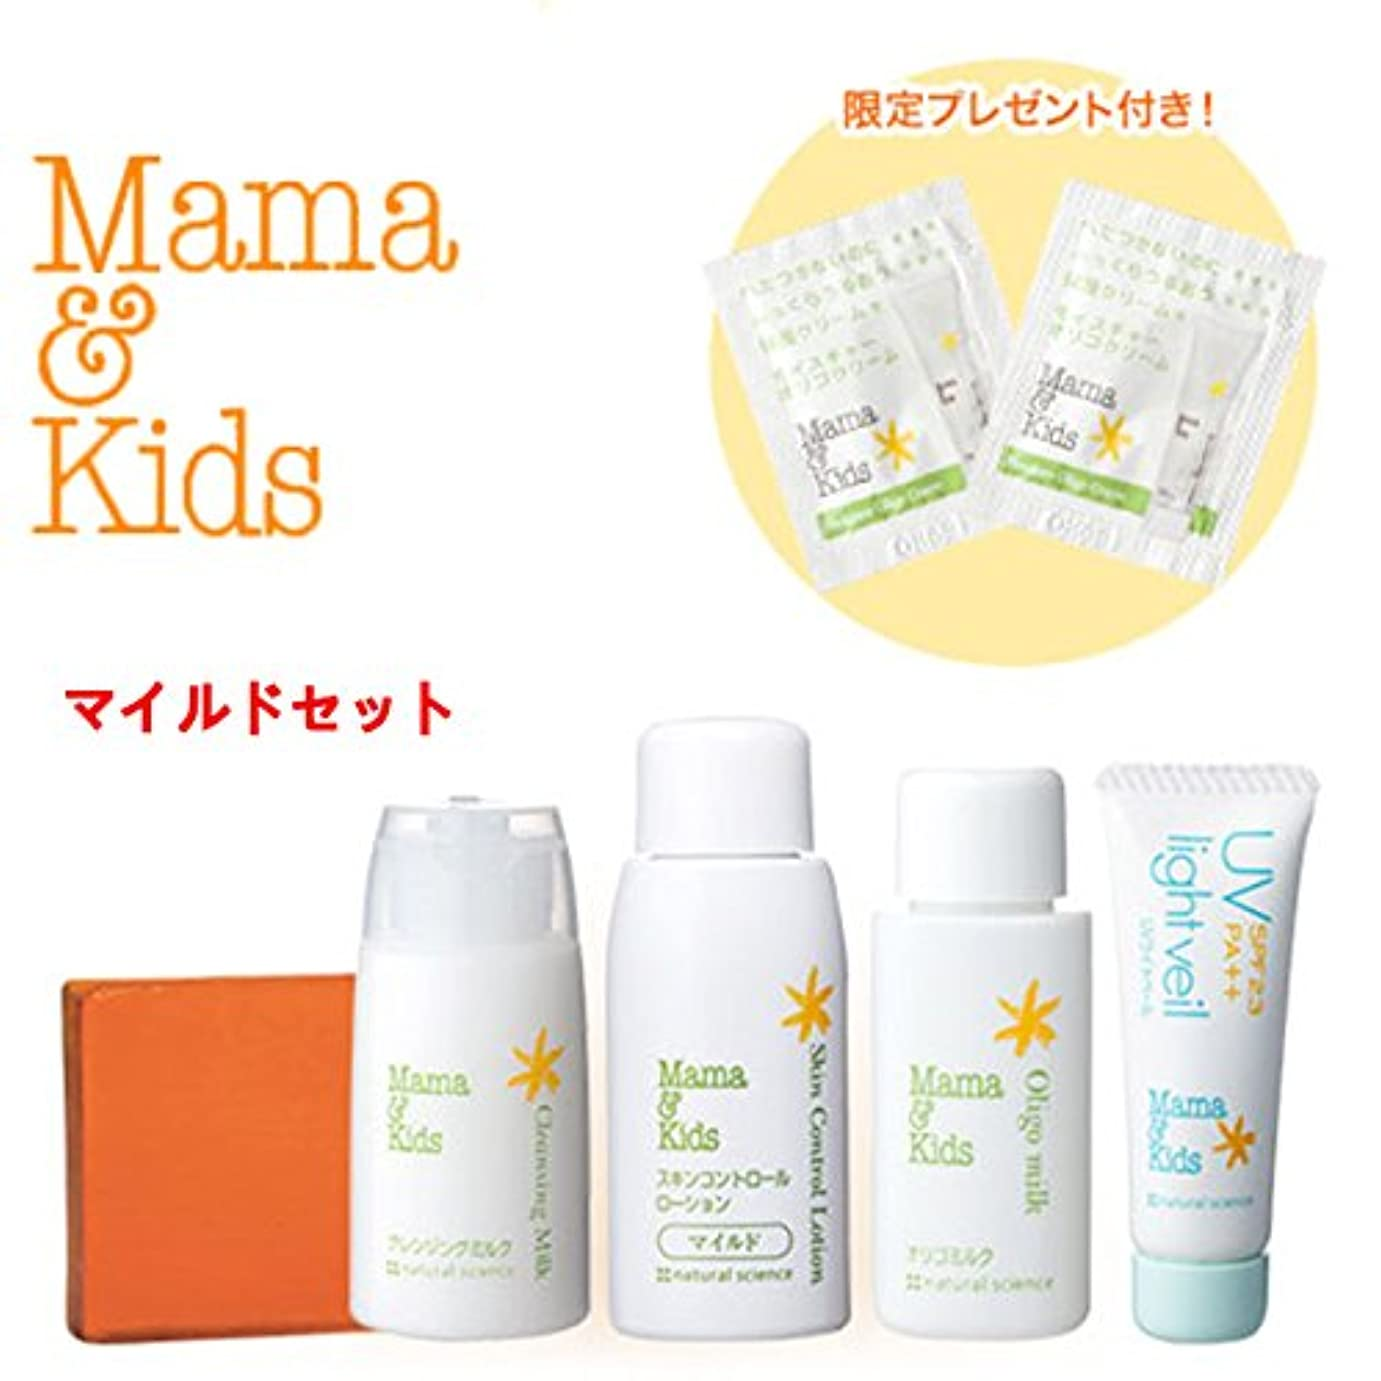 メカニック動脈洗うママ&キッズぷるぷるお肌トライアルセット(マイルド)/Mama&Kids SkinCare Travel set/孕期基础护肤试用装普通保湿